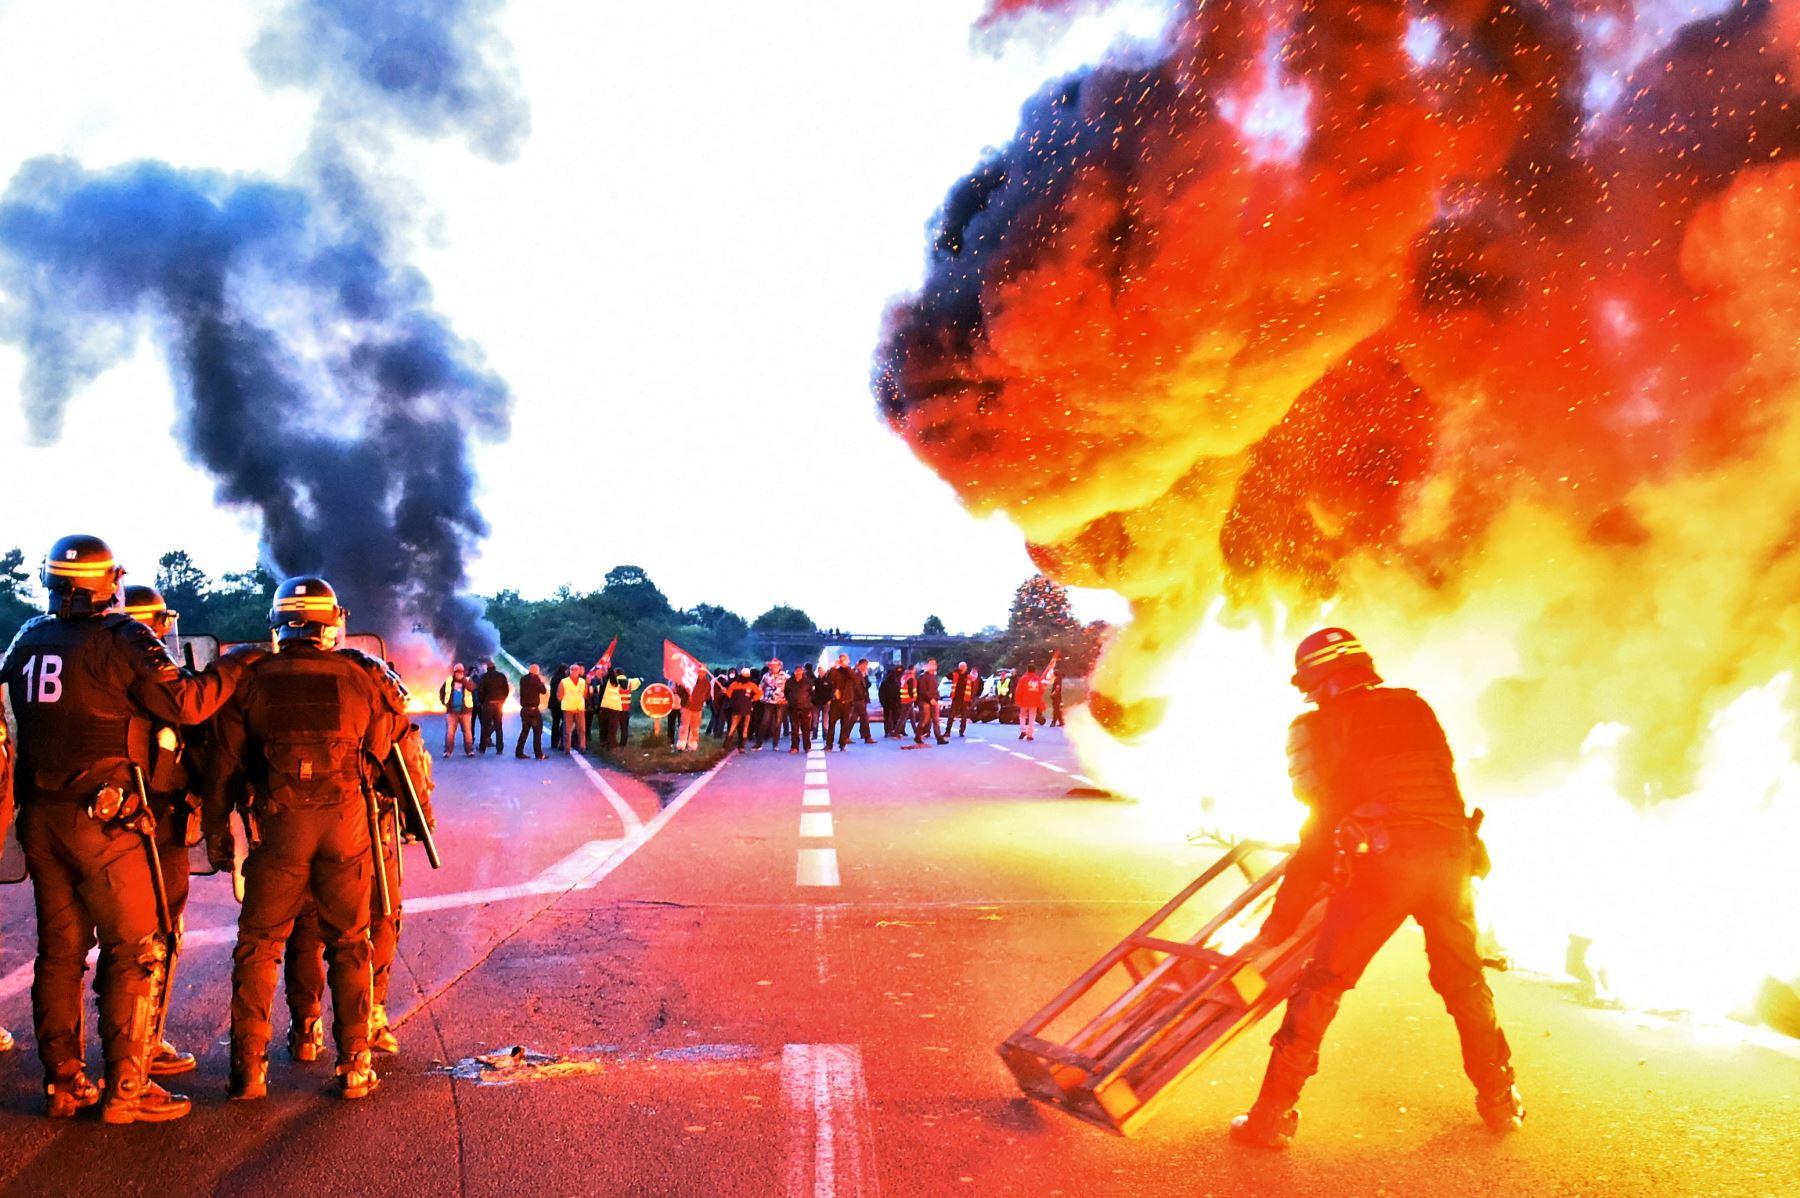 La policía antidisturbios se prepara para dispersar a los trabajadores de una refinería que sostienen un bloqueo del depósito de petróleo de Douchy-les-Mines para protestar contra las reformas laborales propuestas por el gobierno  AFP PHOTO / FRANCOIS LO PRESTI